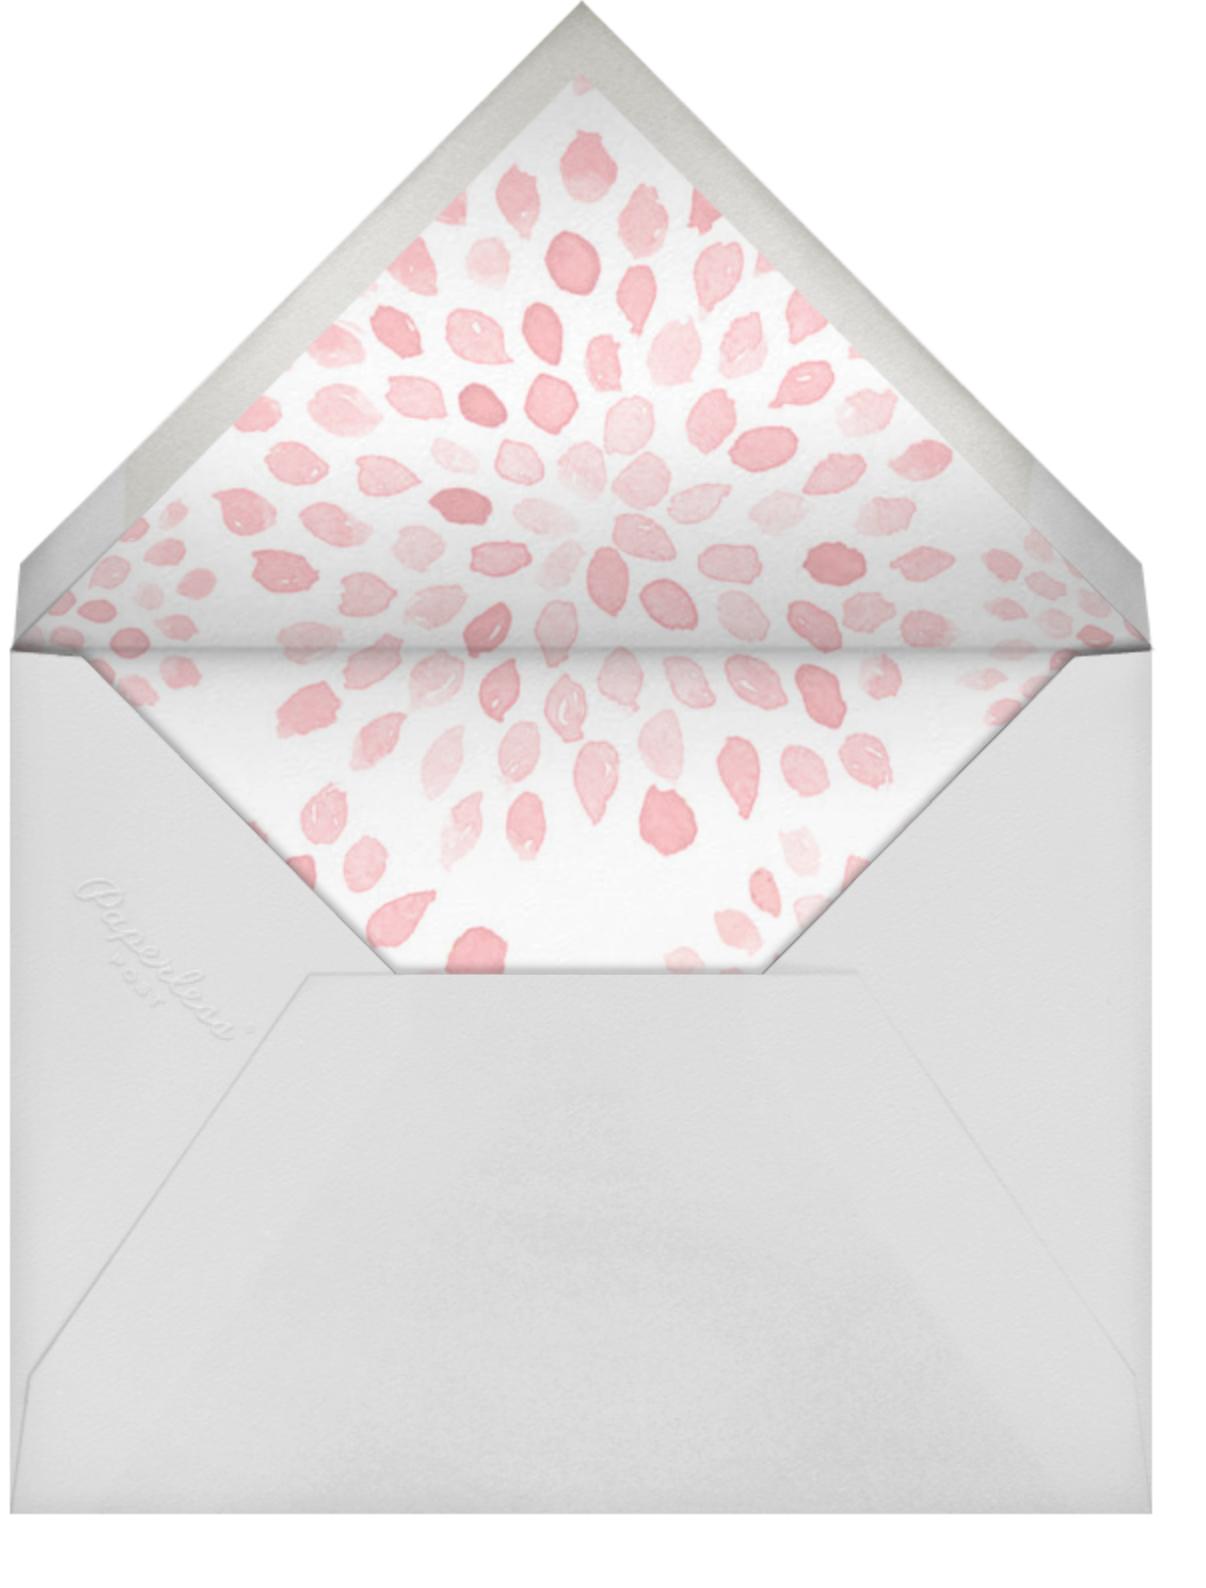 Let's Brunch - Crate & Barrel - Spring entertaining - envelope back